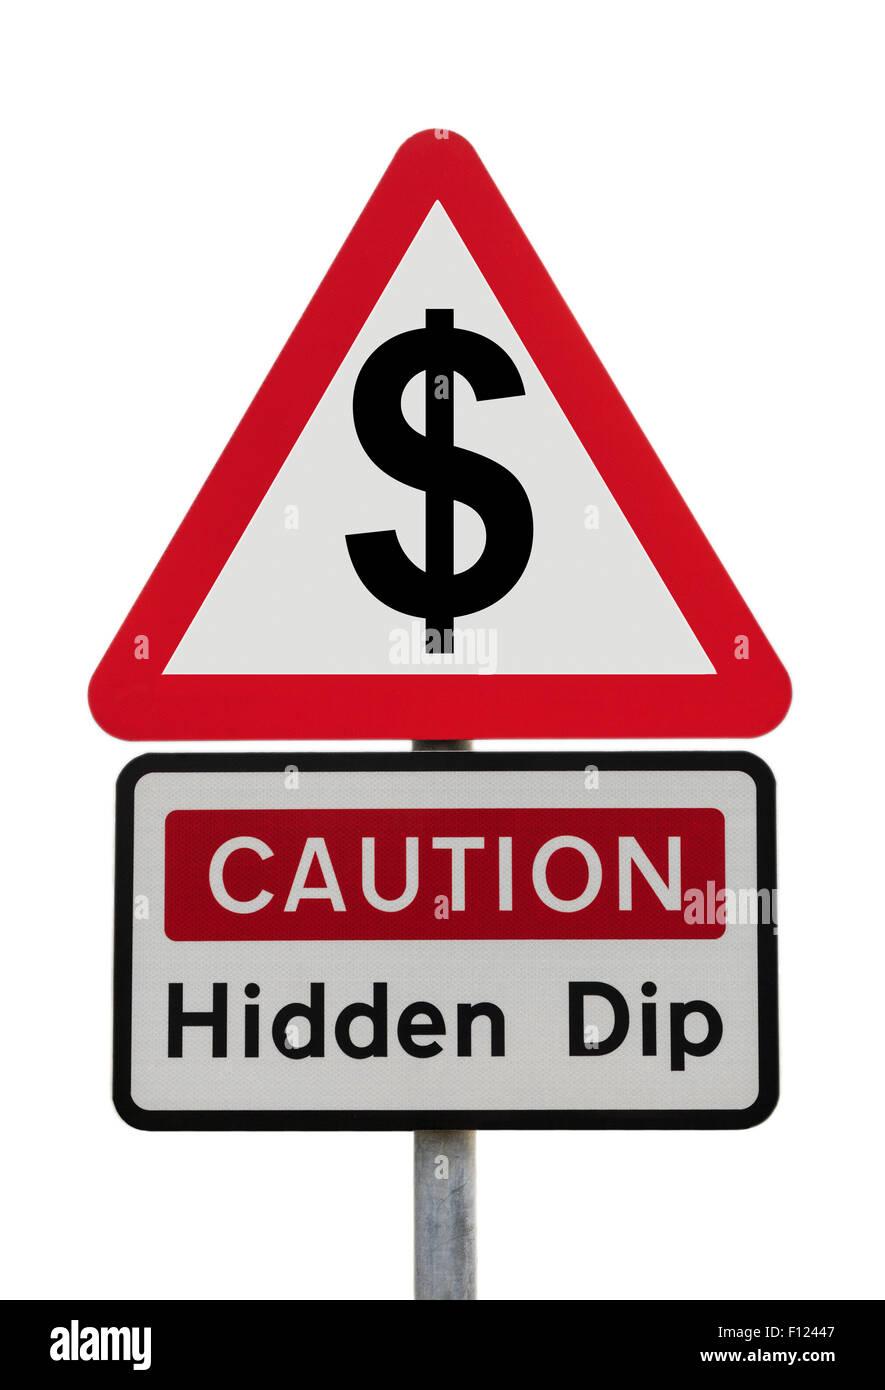 Señal de carretera triángulo de advertencia precaución Dip oculto con el signo del dólar para Imagen De Stock